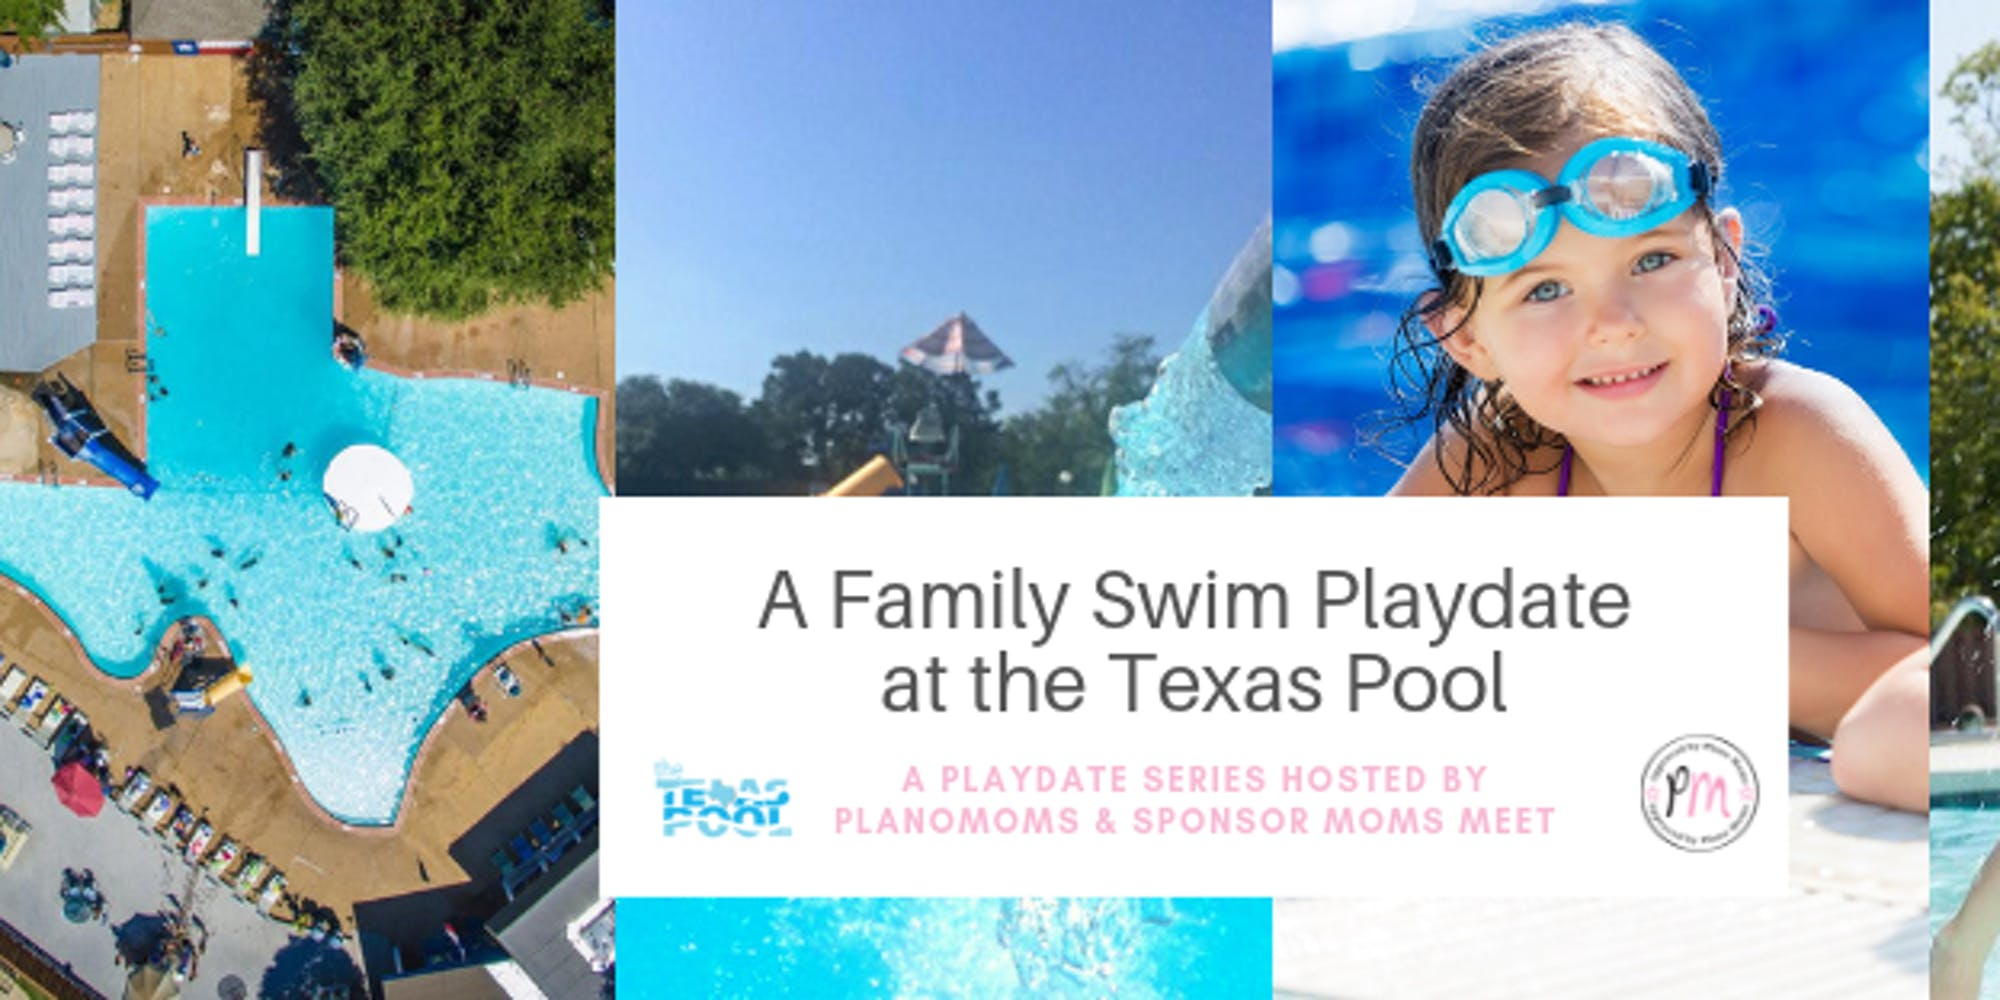 plano moms pool playdate.jpg